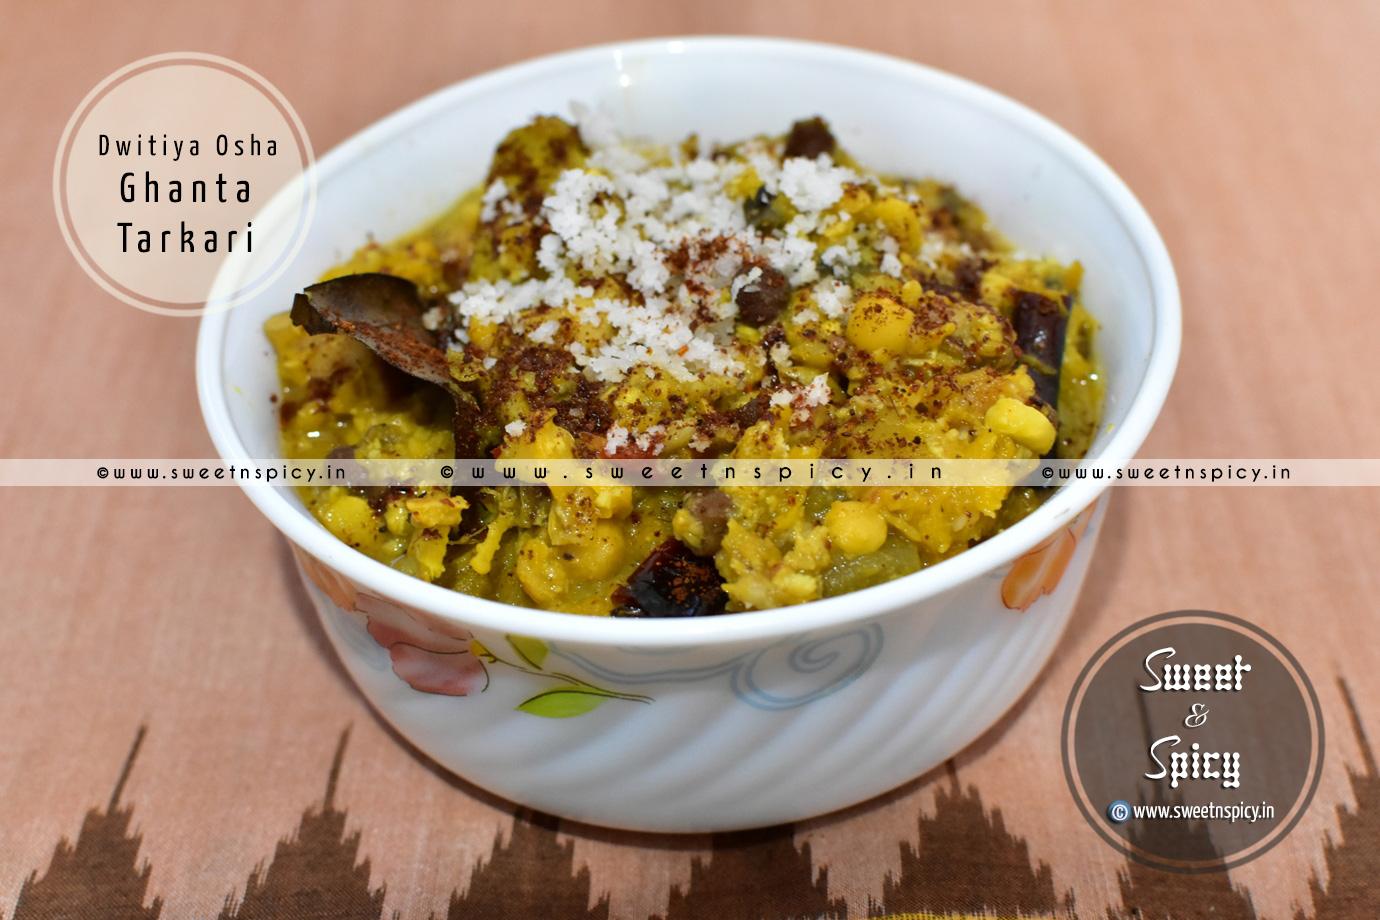 Dutia Osha Ghanta Tarkari or Dwitiya Ghanta